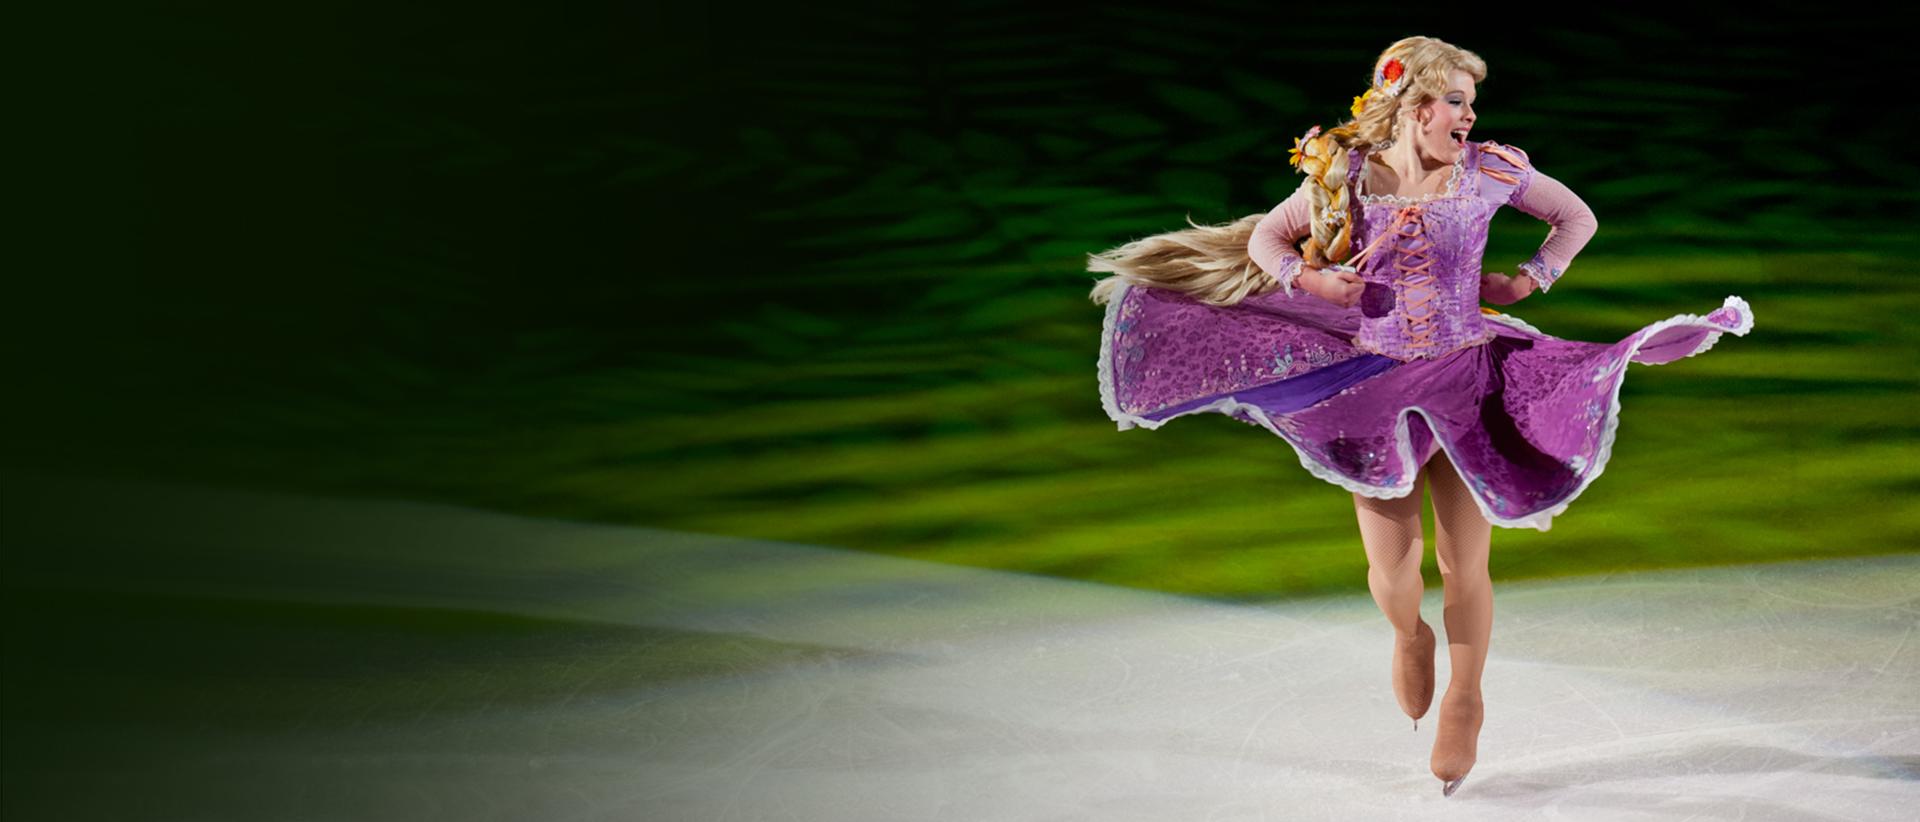 Rapunzel dancing on ice